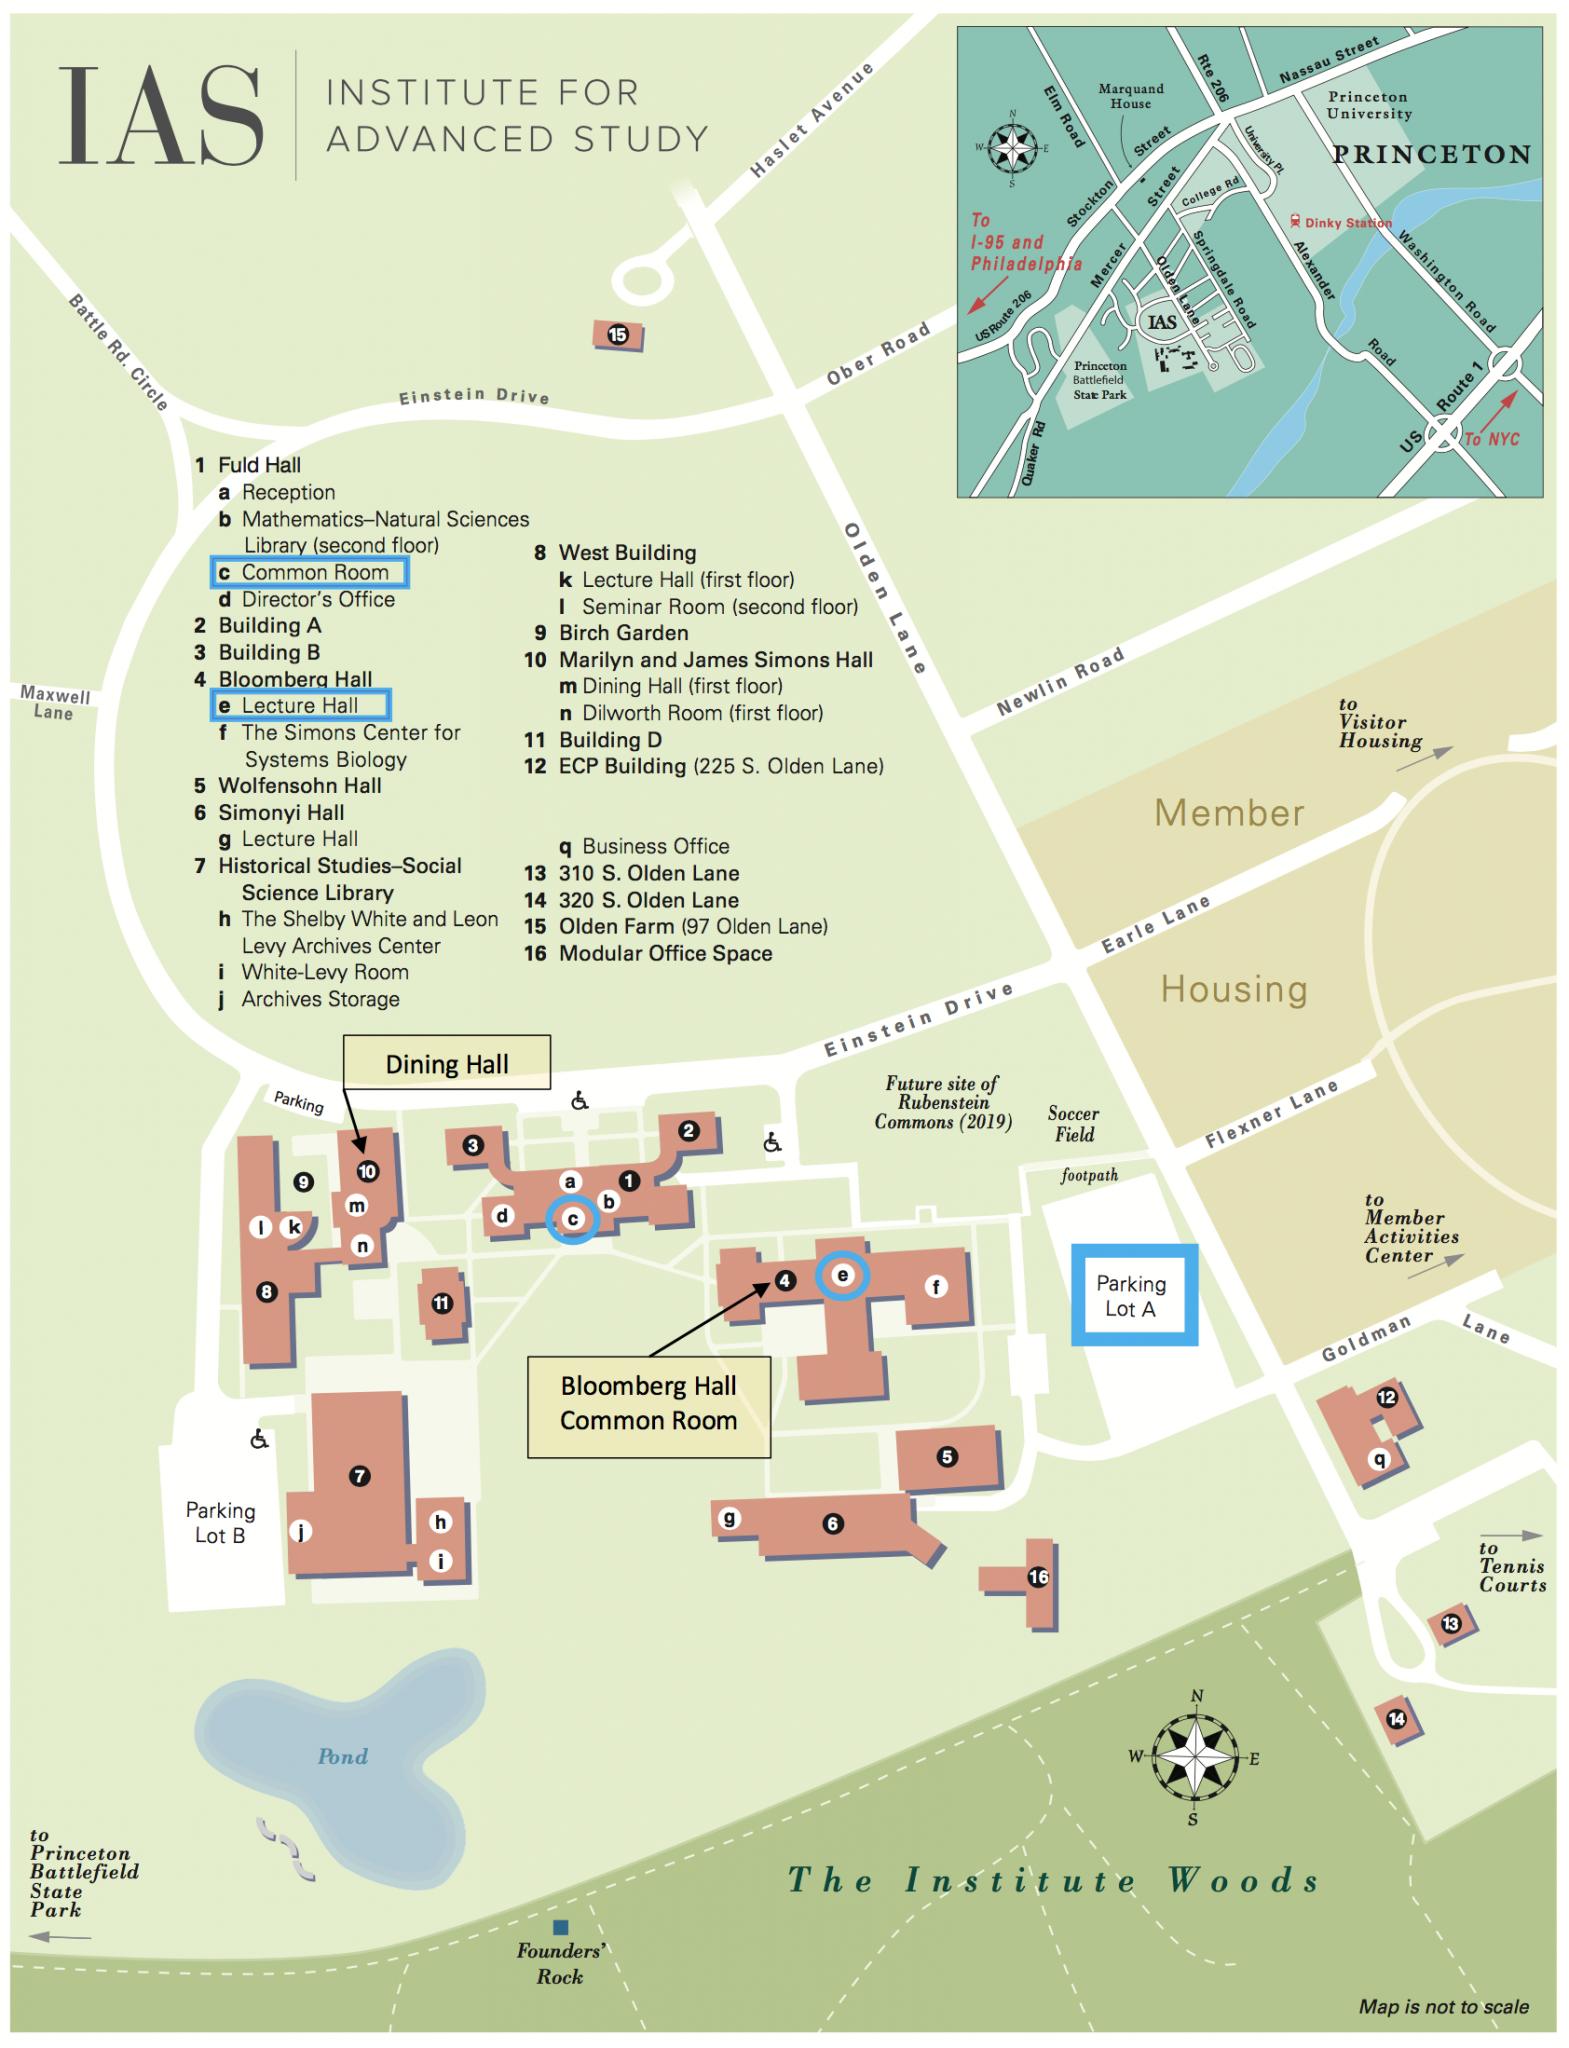 IAS Campus Map